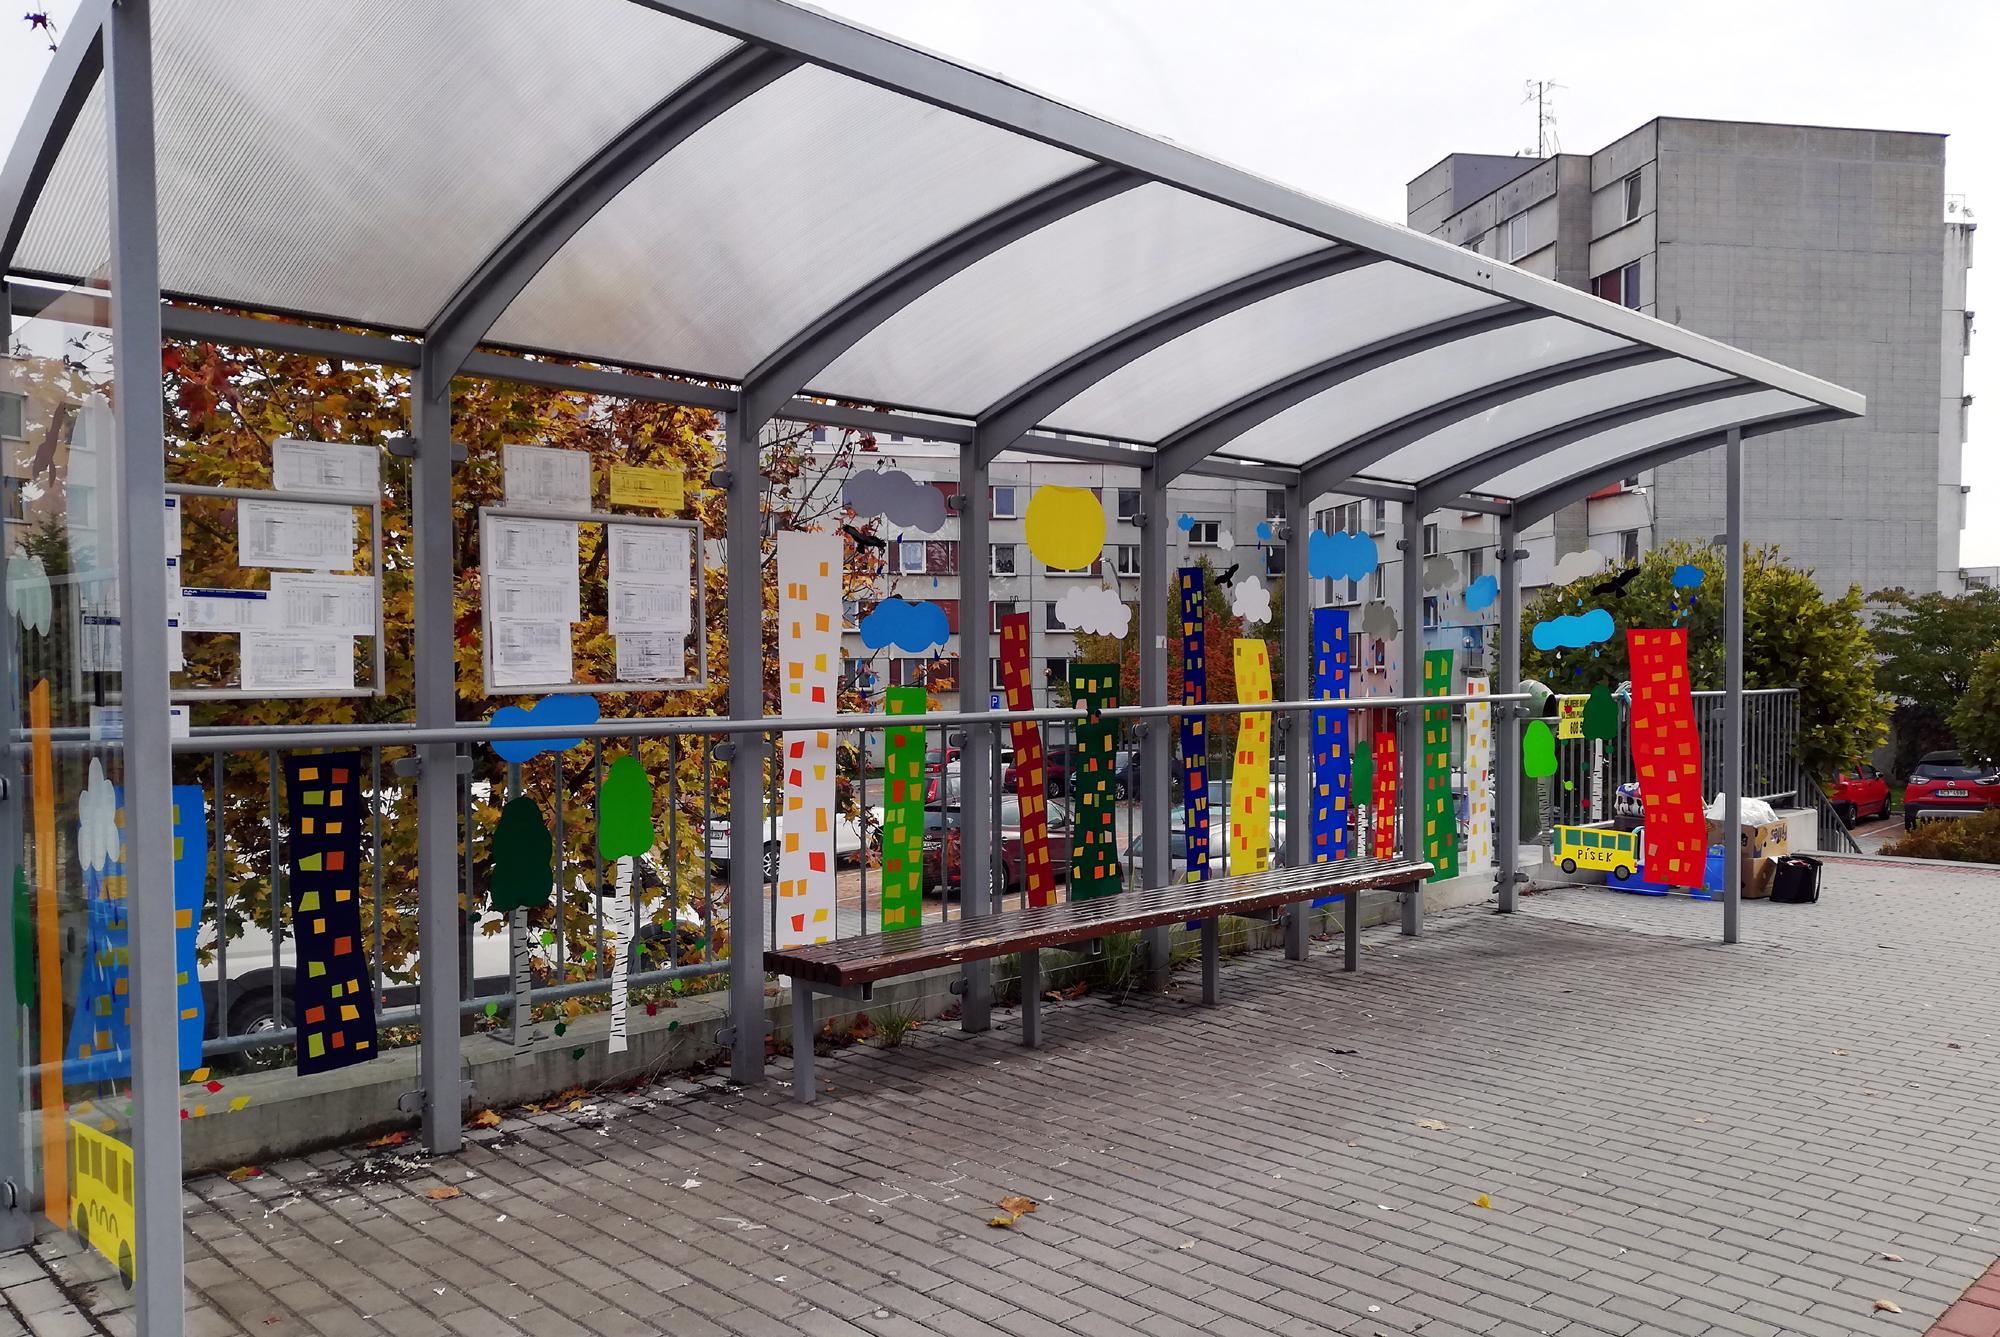 Zastávka autobusu Pražská v Písku zabezpečená před srážkami s ptáky.